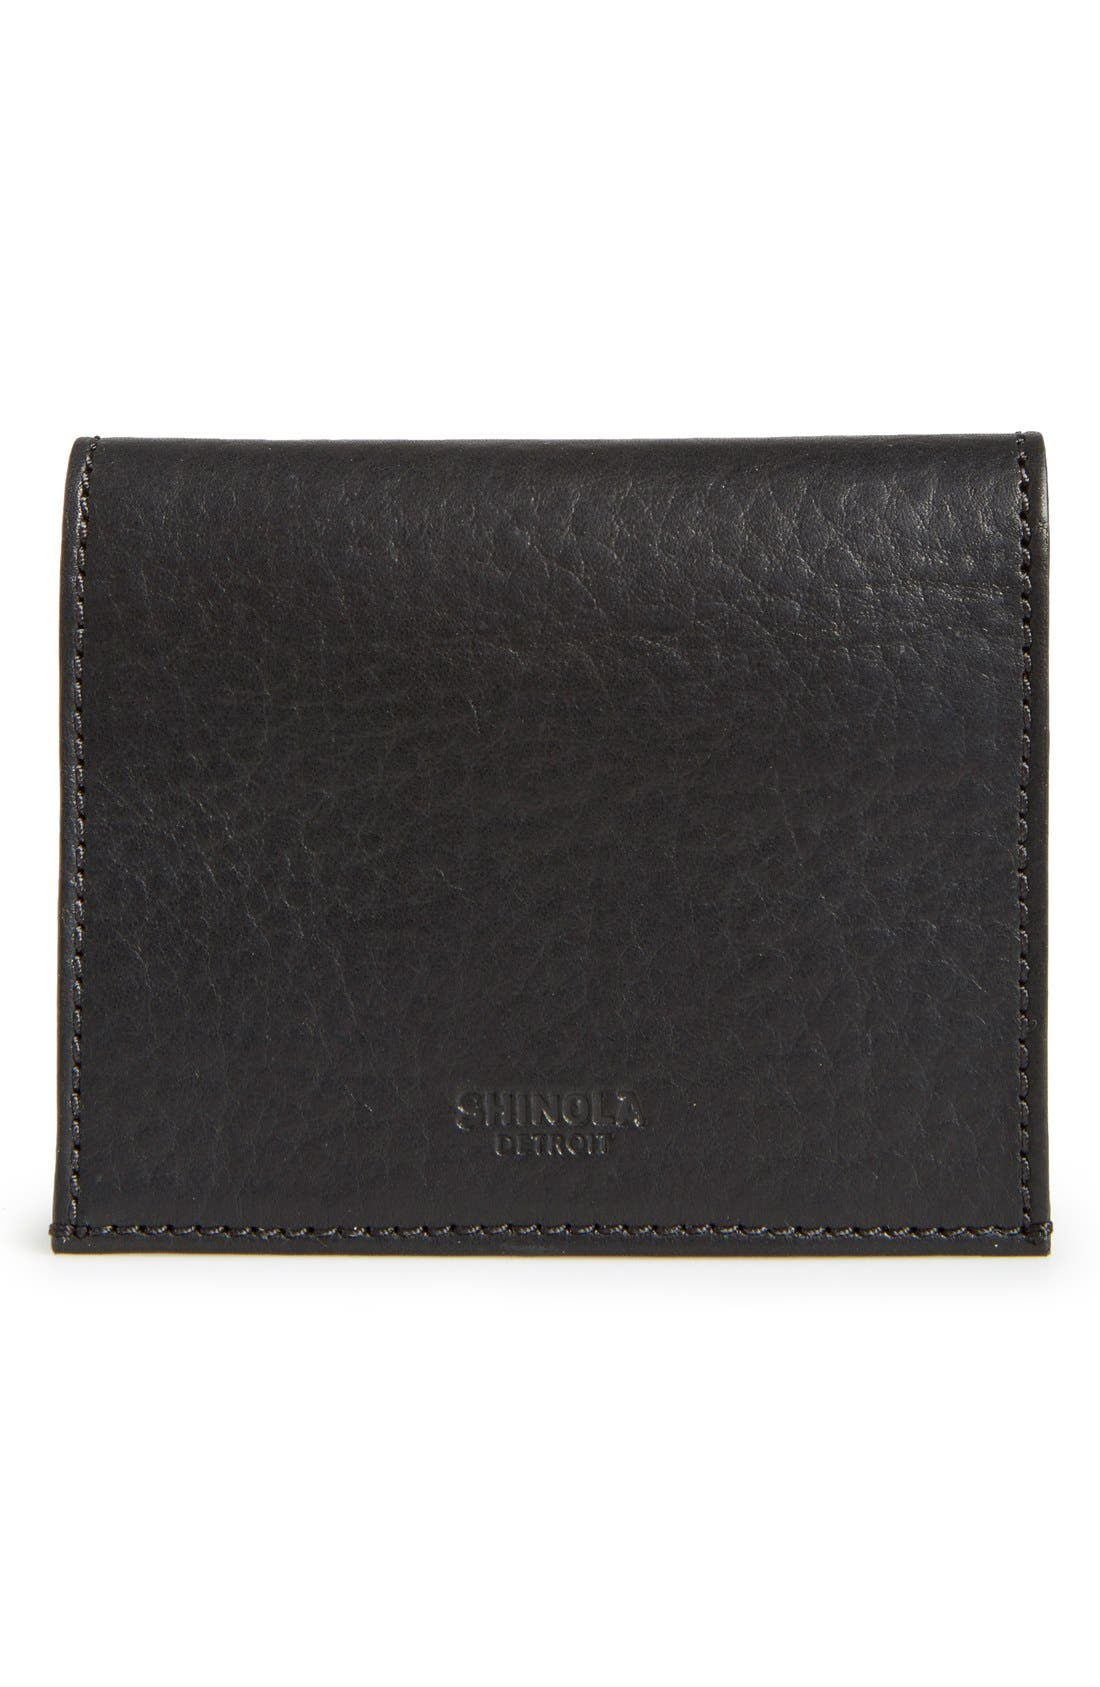 Shinola Gusset Leather Card Case